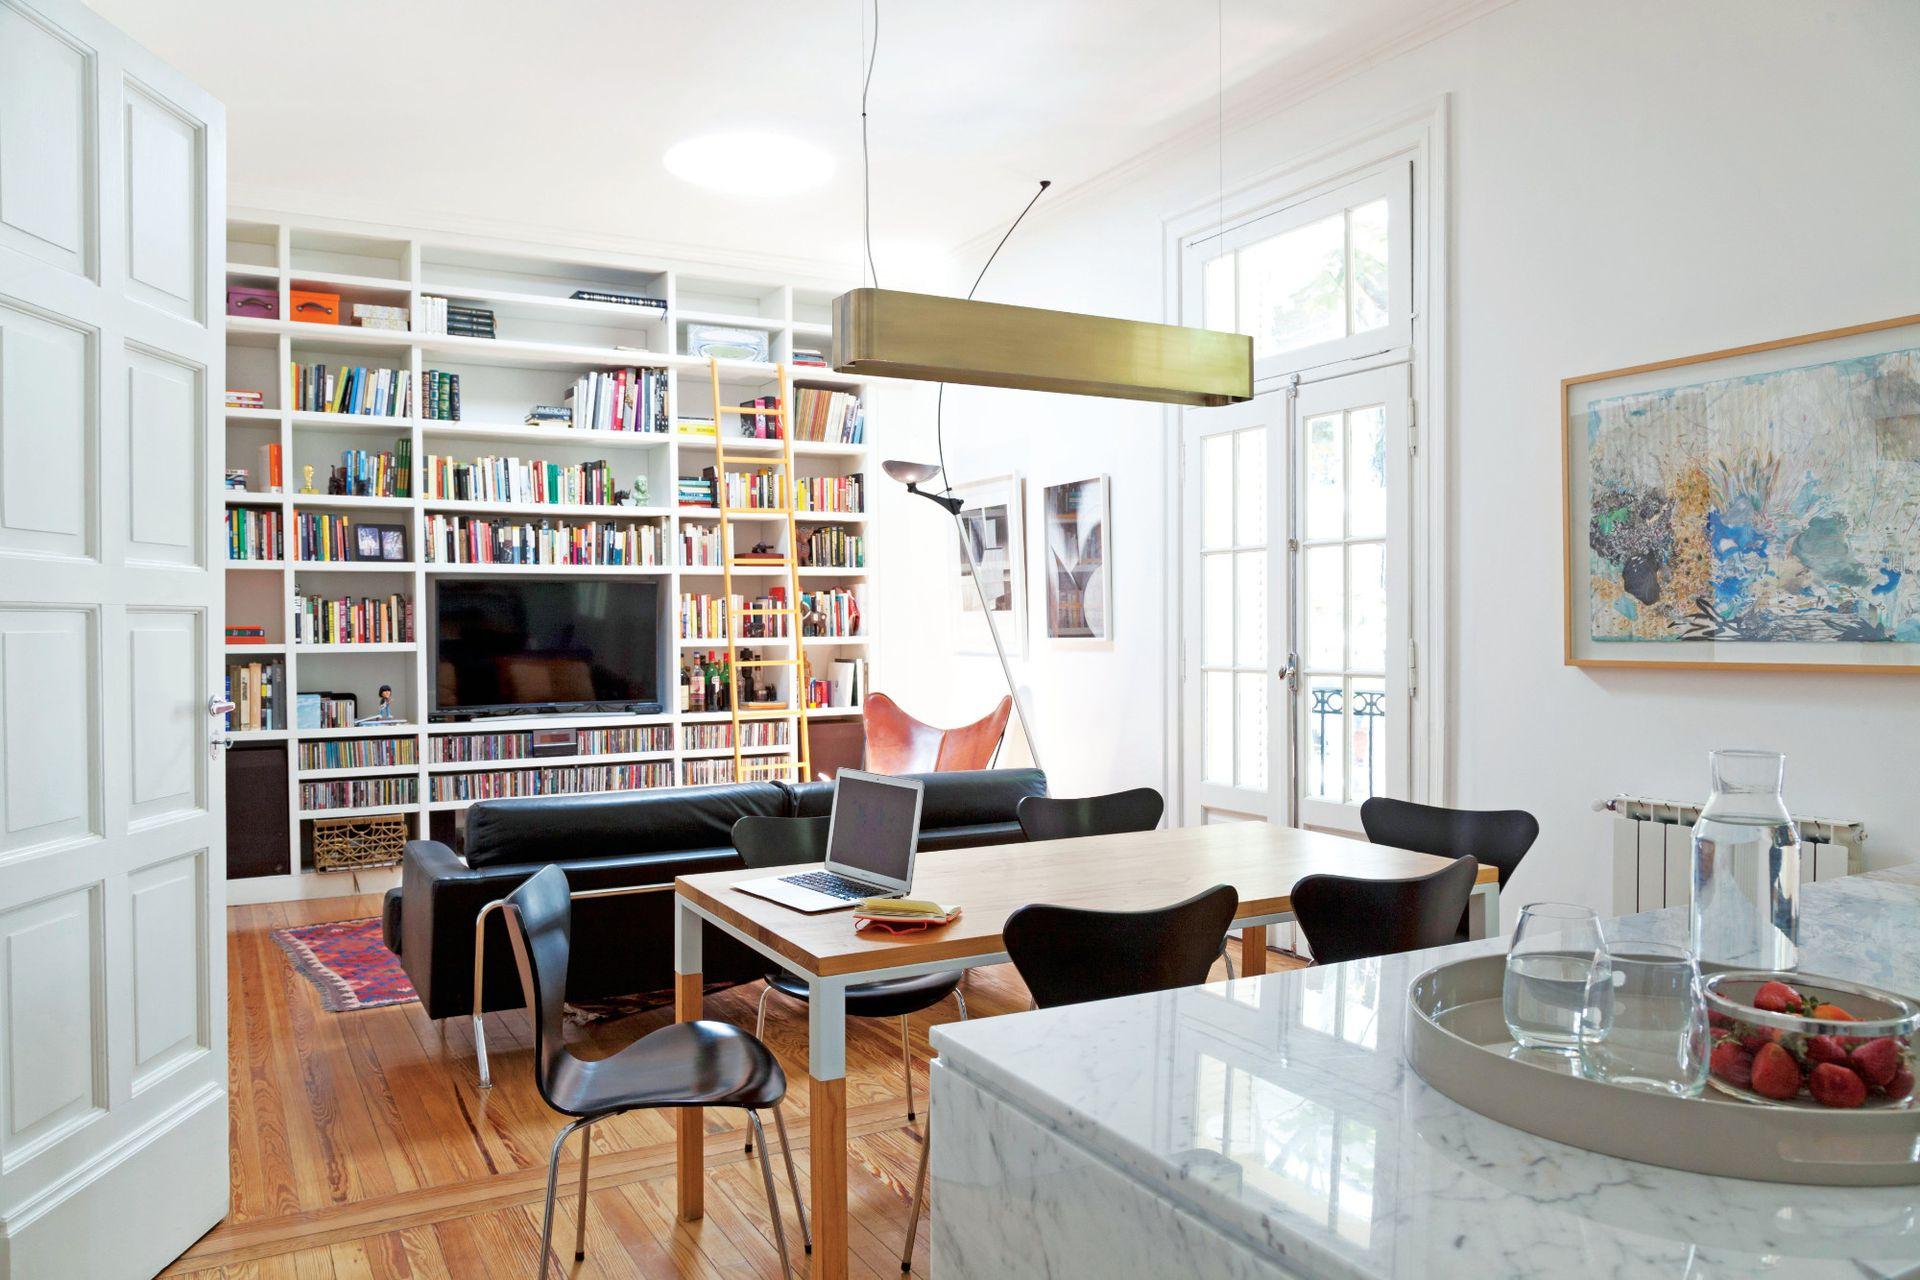 Detrás de la silla BKF, un regalo para la arquitecta: obras de Platz (Galería Praxis). La biblioteca con escalera (Estudio Trama) abarca la totalidad de la pared lateral.